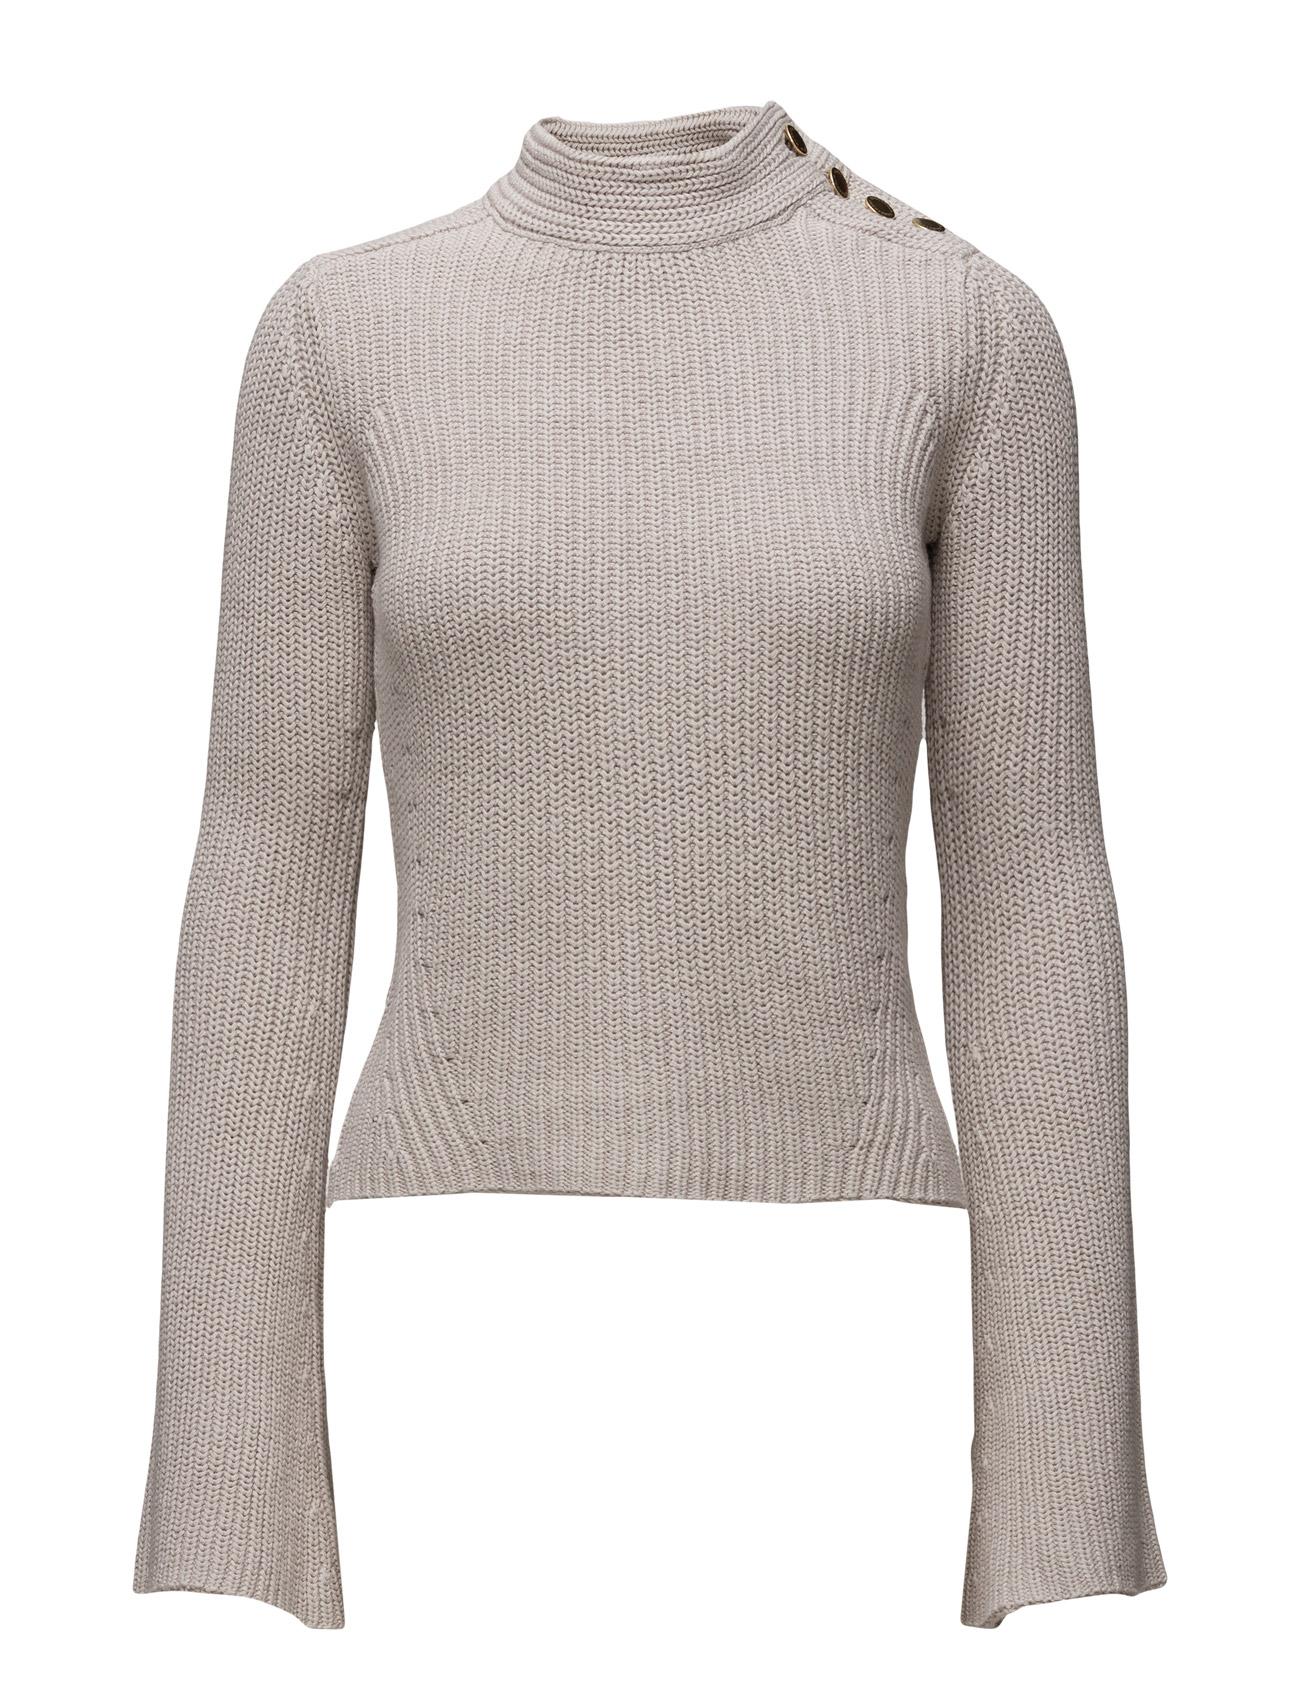 Essentials Gilcrest Knit Hunkydory Striktøj til Kvinder i